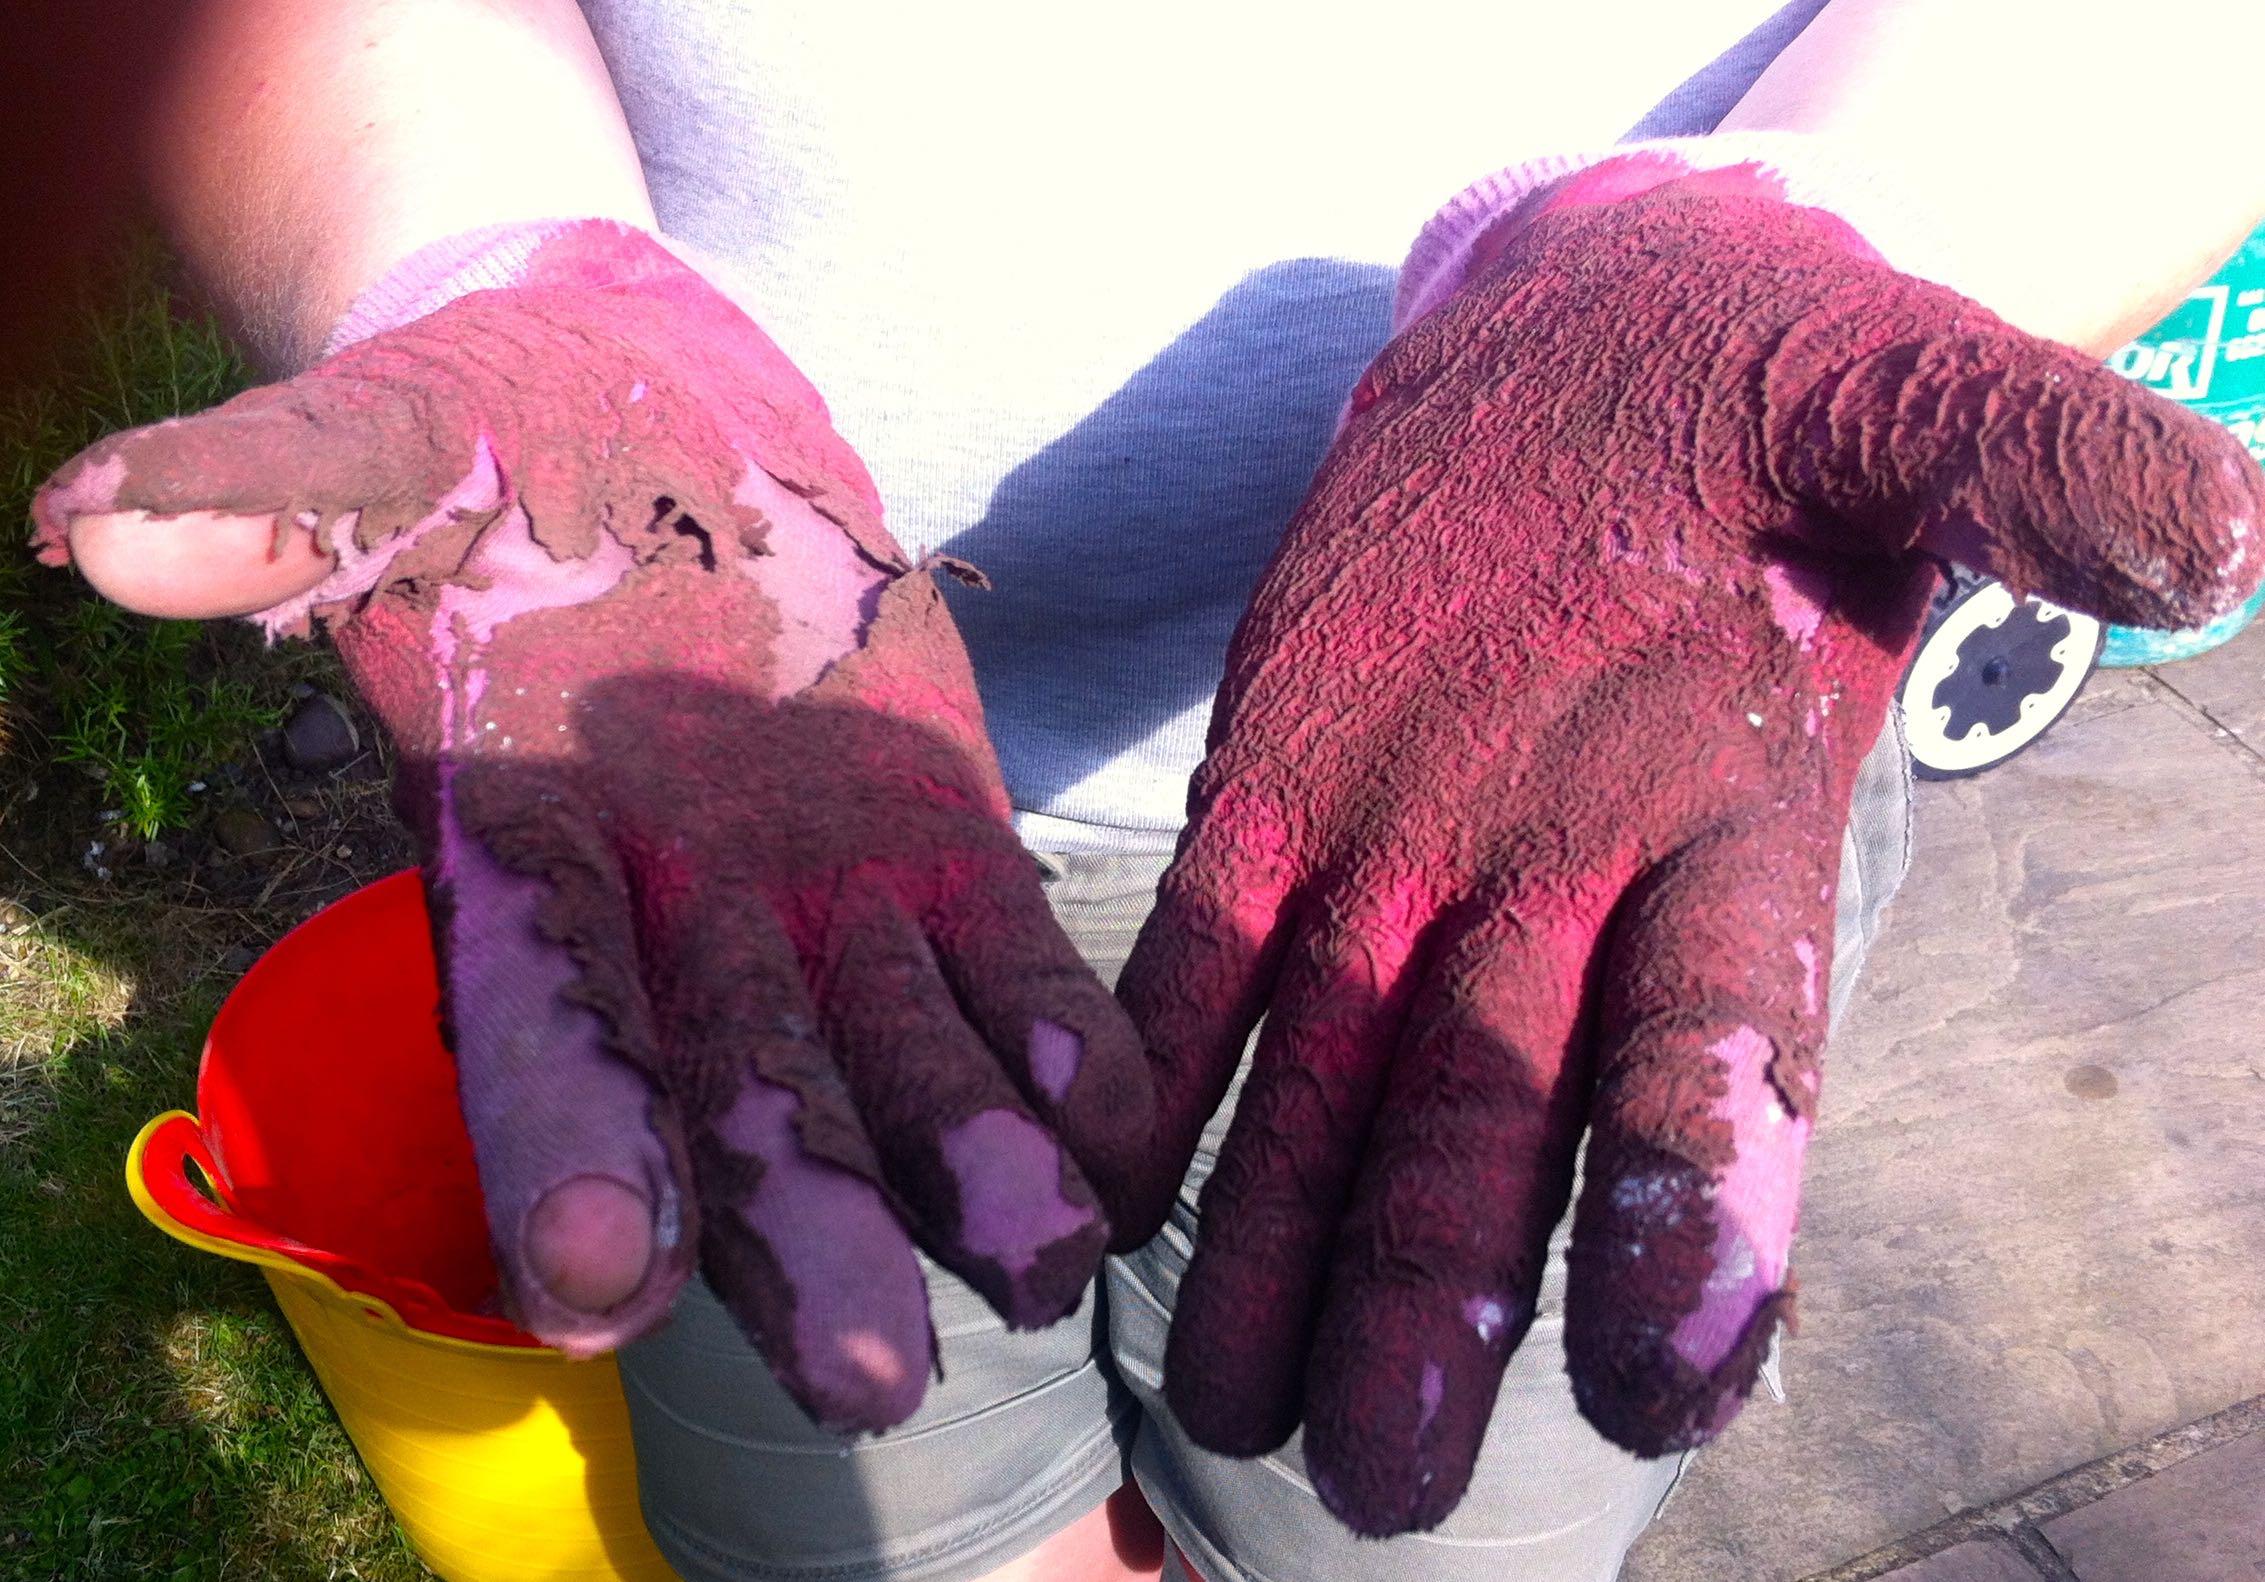 Worn out gardening gloves